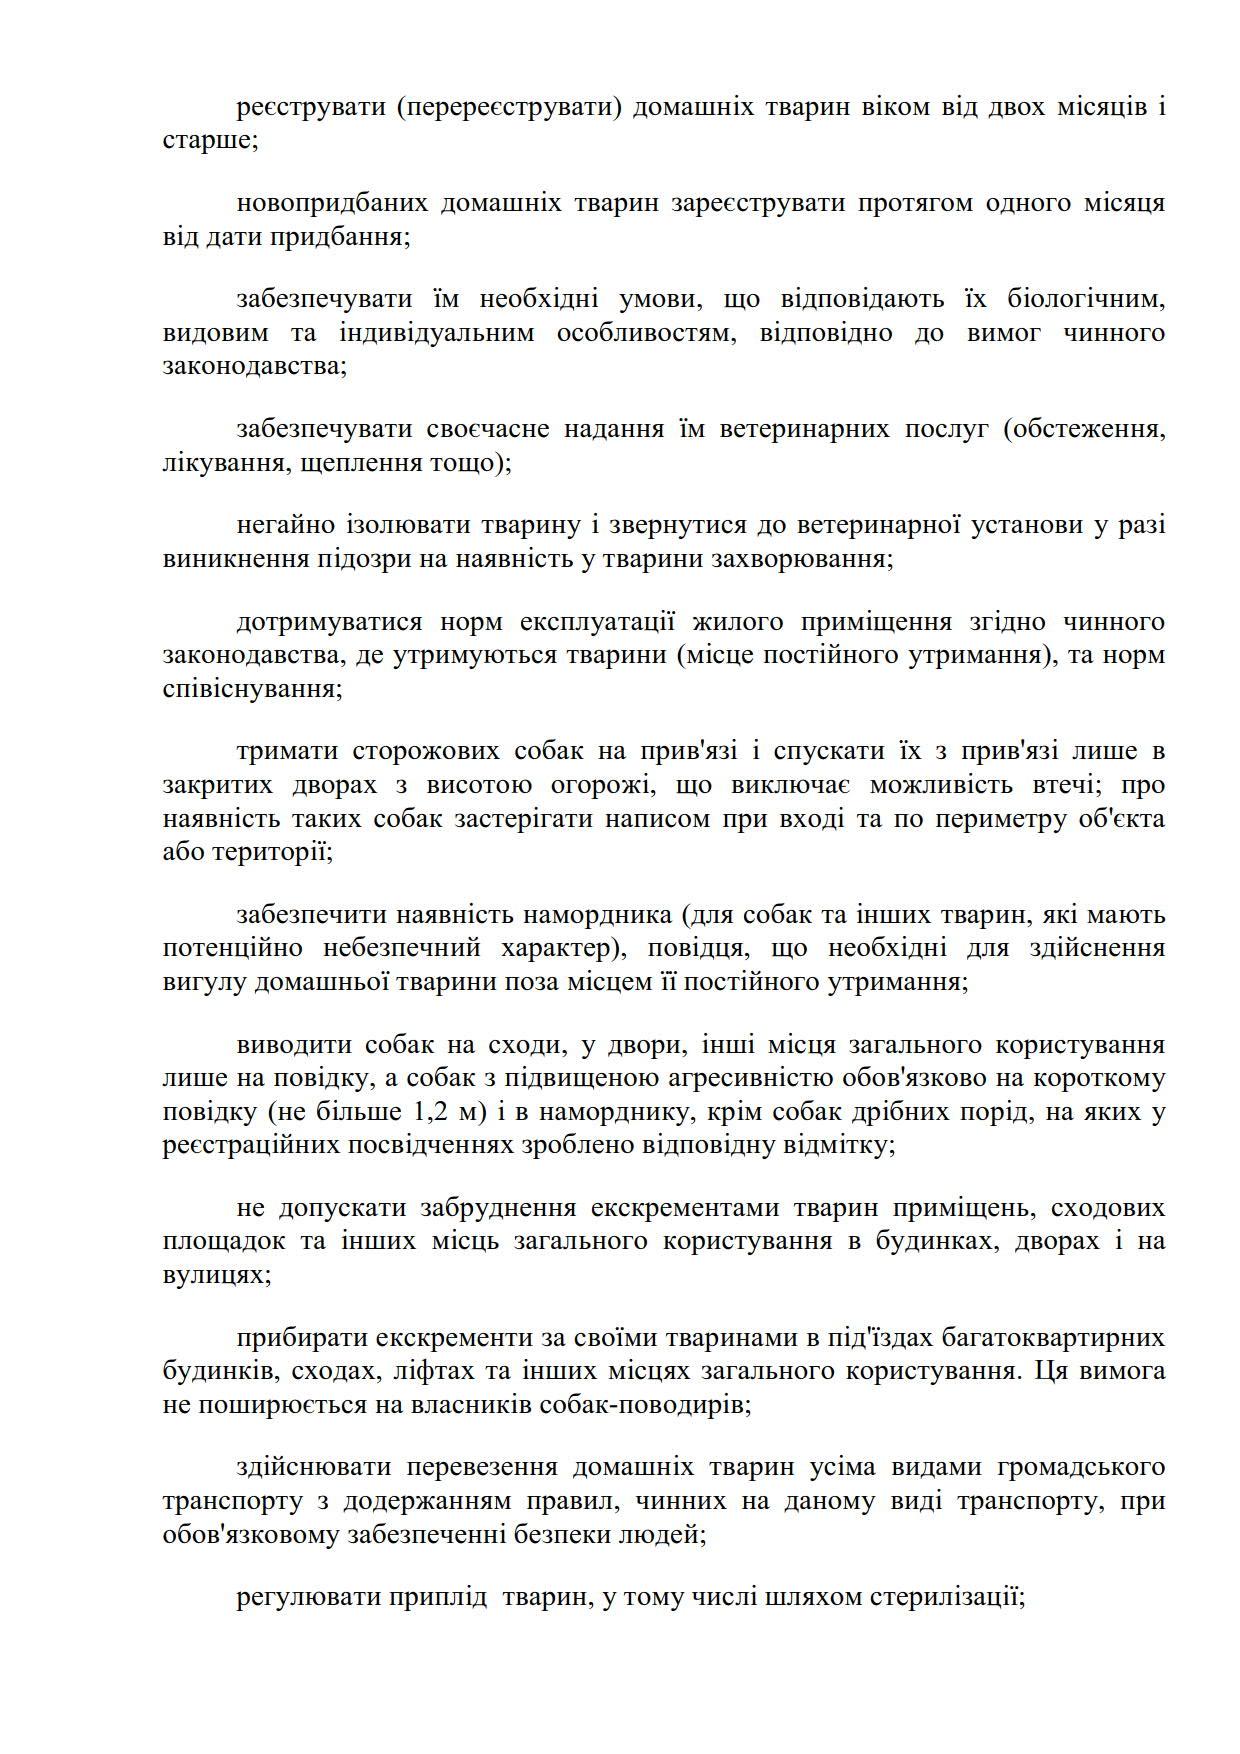 Правила утримання домашніх тварин коломак нов_07